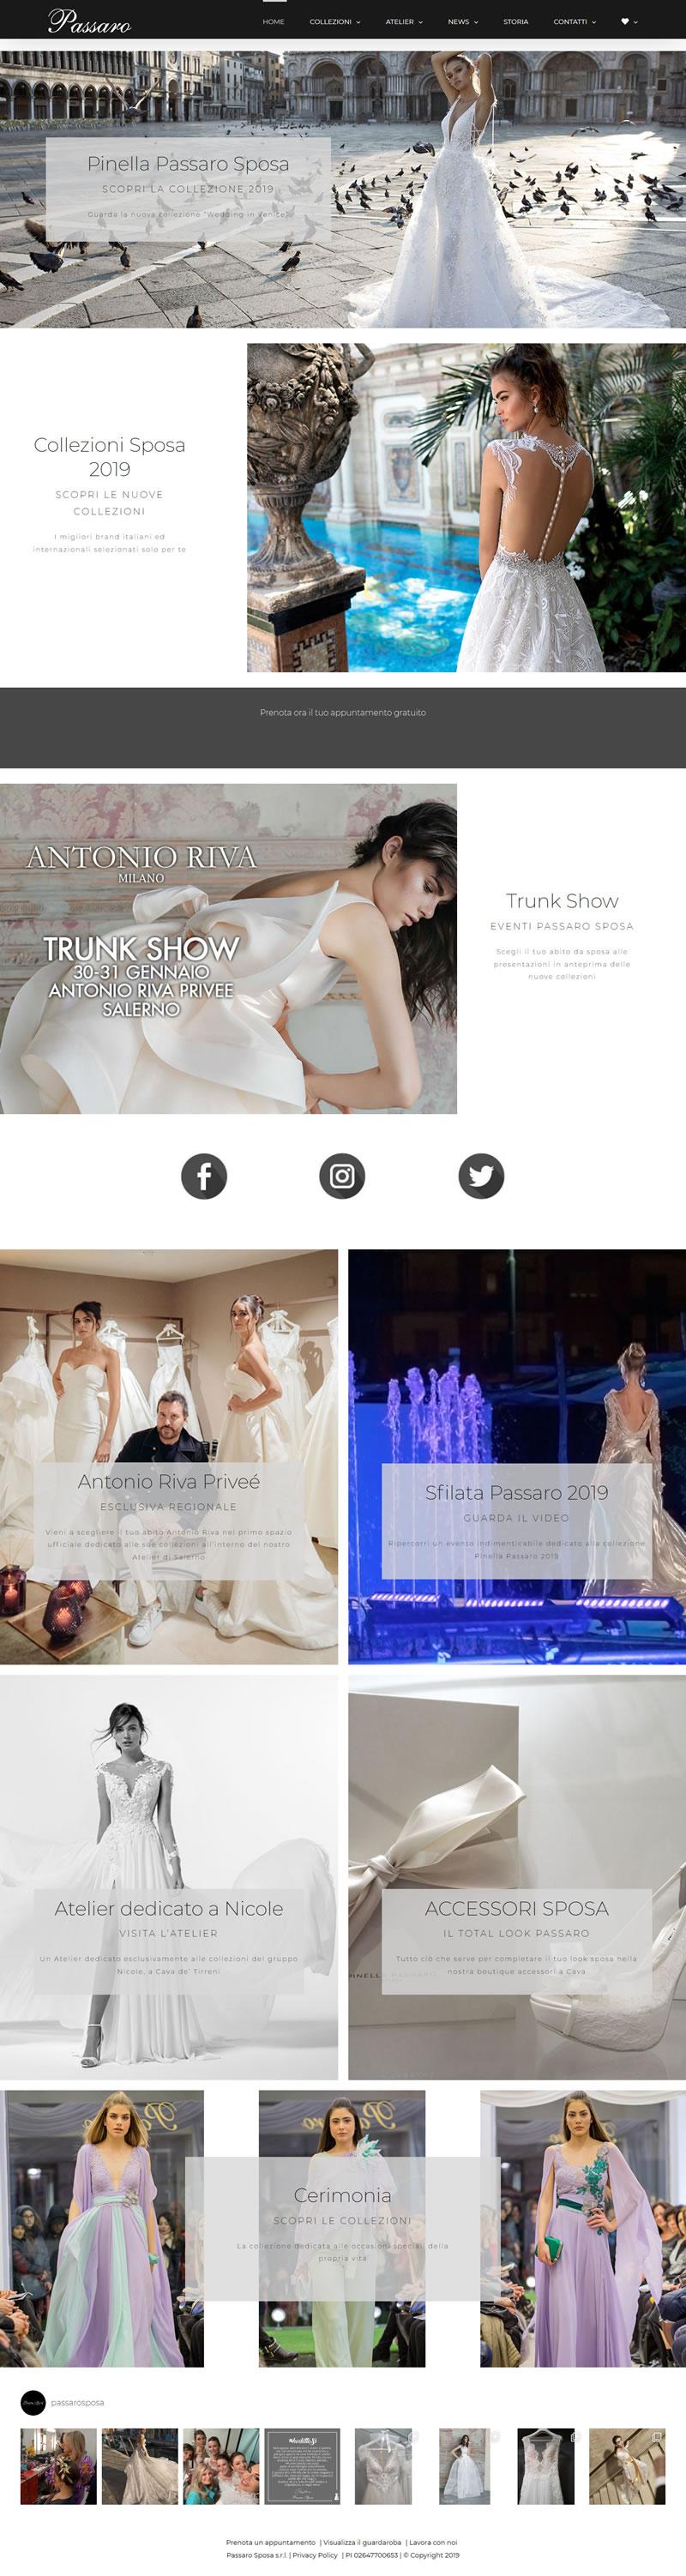 Passaro Sposa - Abiti da sposa ed abiti da cerimonia - Collezioni 2019 - 7Web - ecommerce abbigliamento